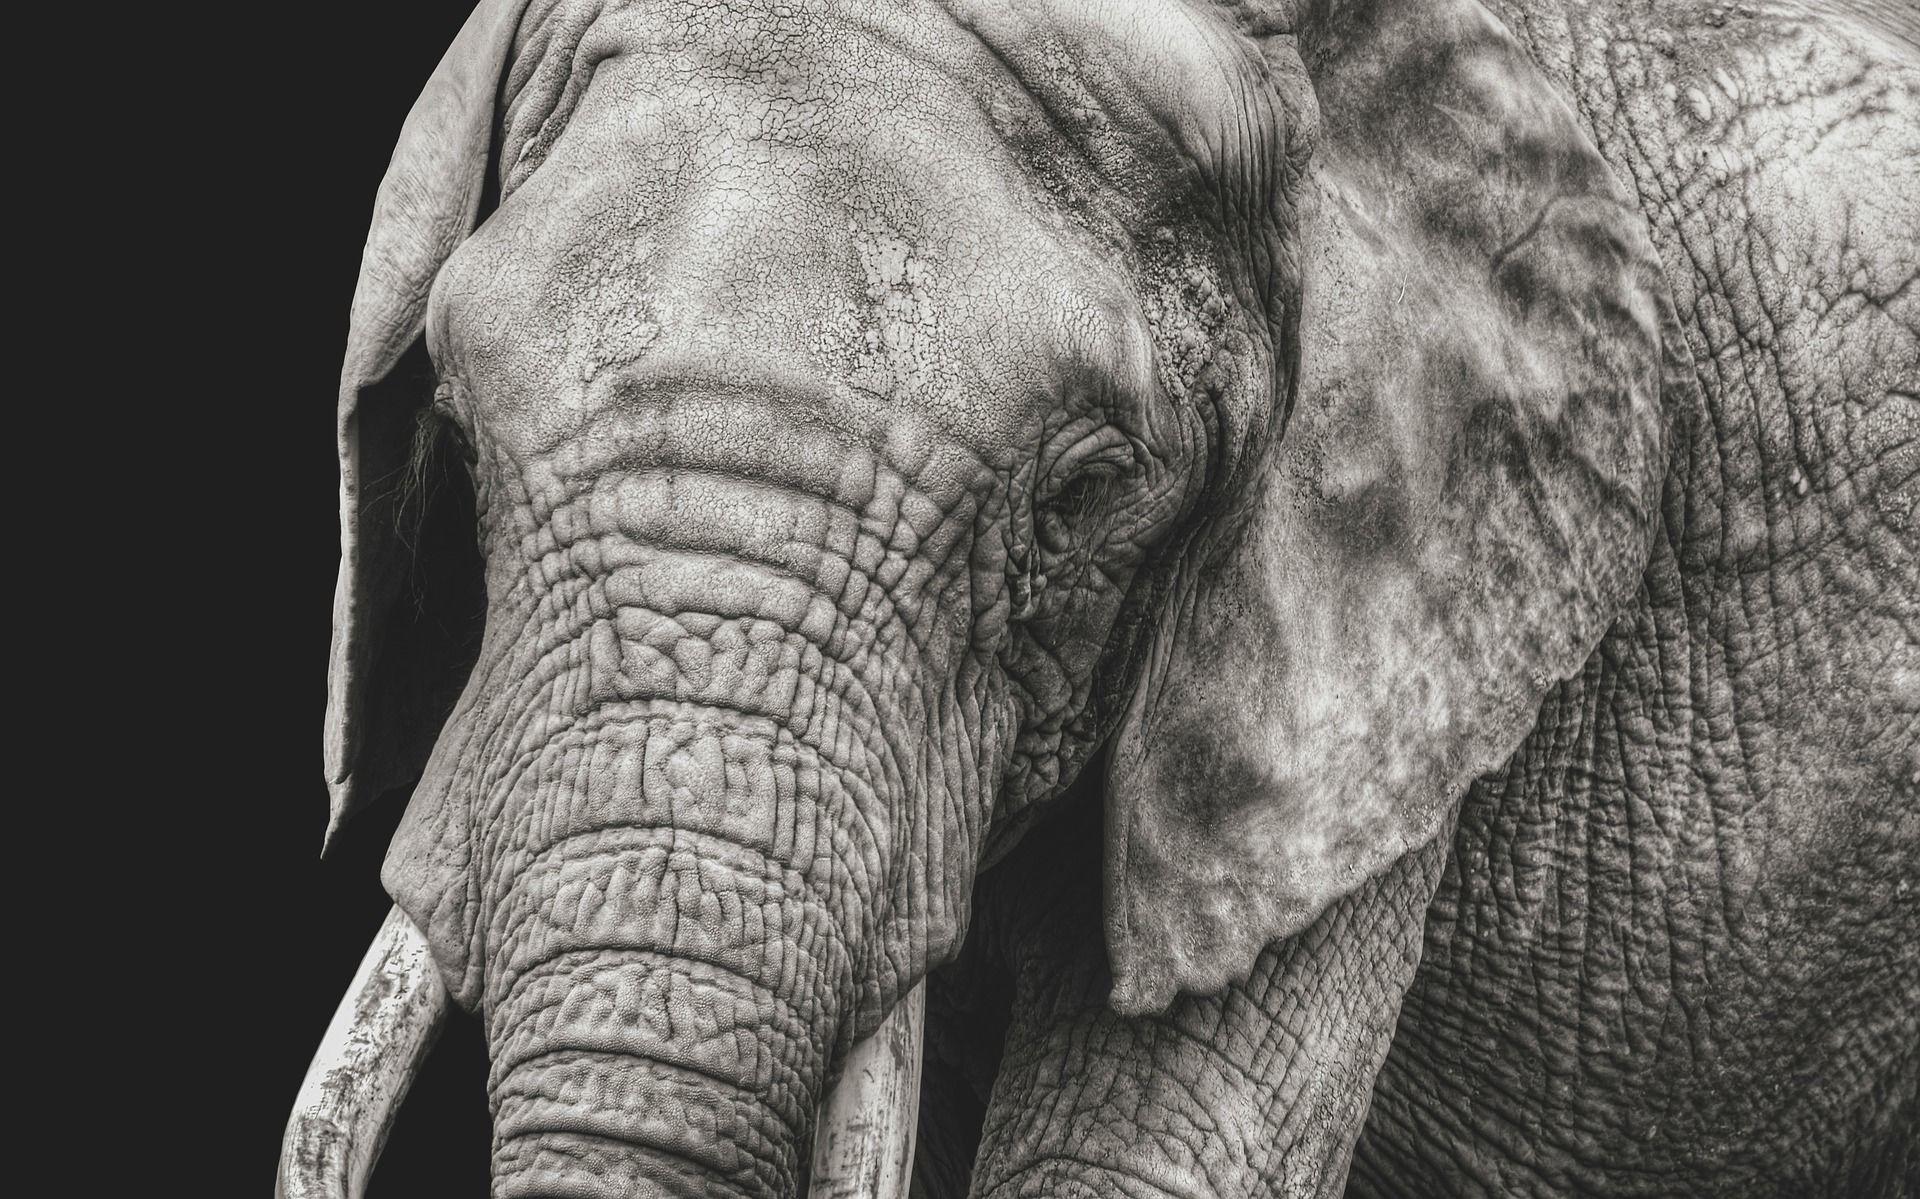 Смотреть лучшее фото белого слона крупным планом